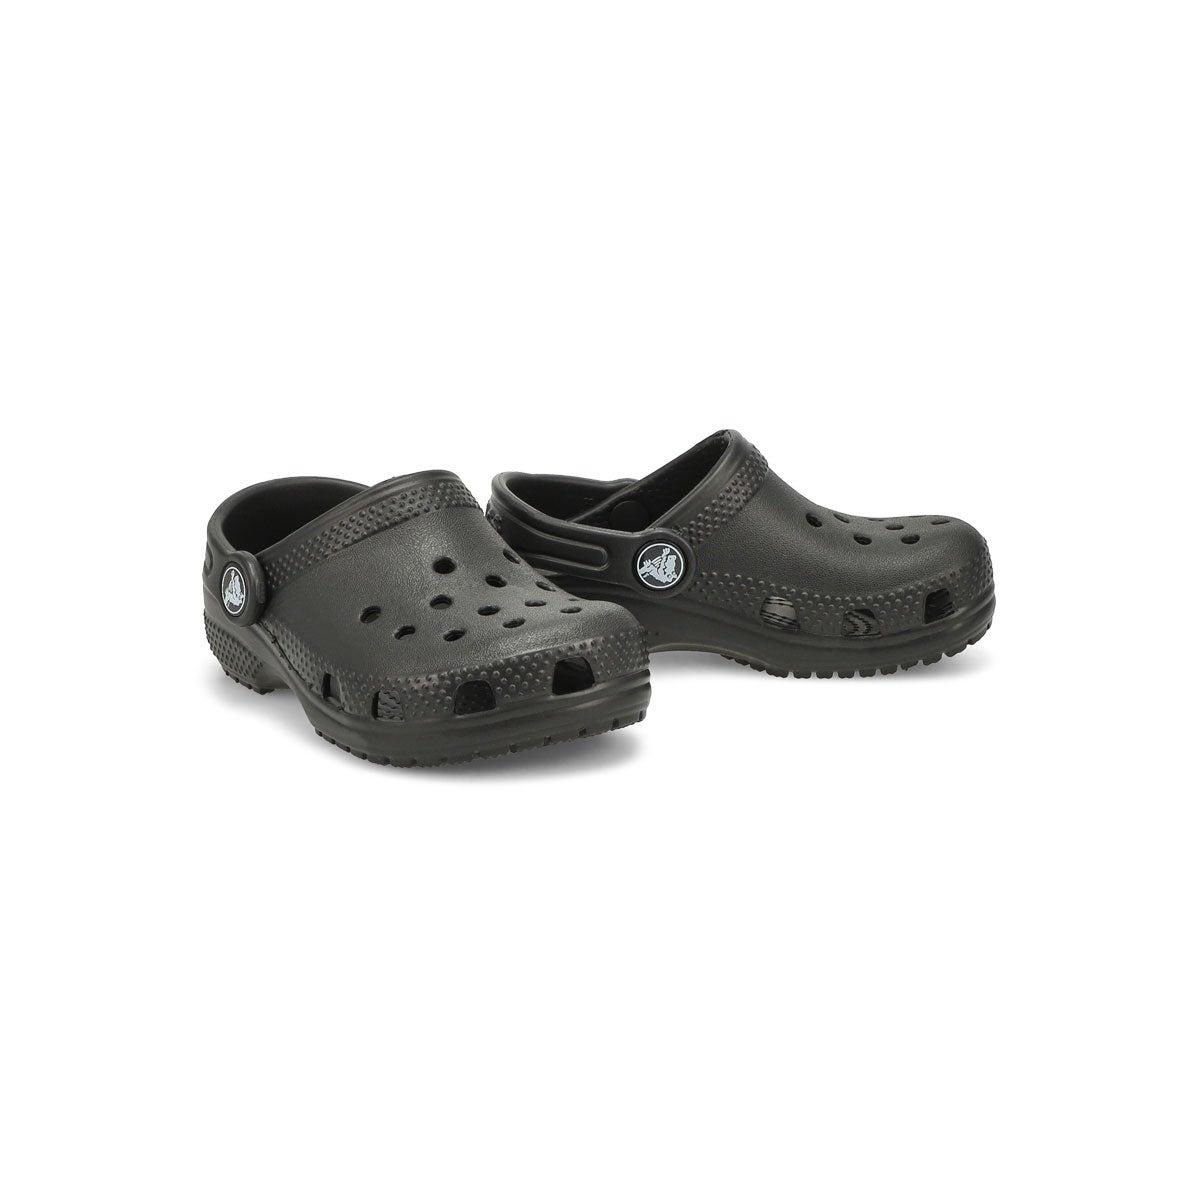 Infs Classic black EVA comfort clog